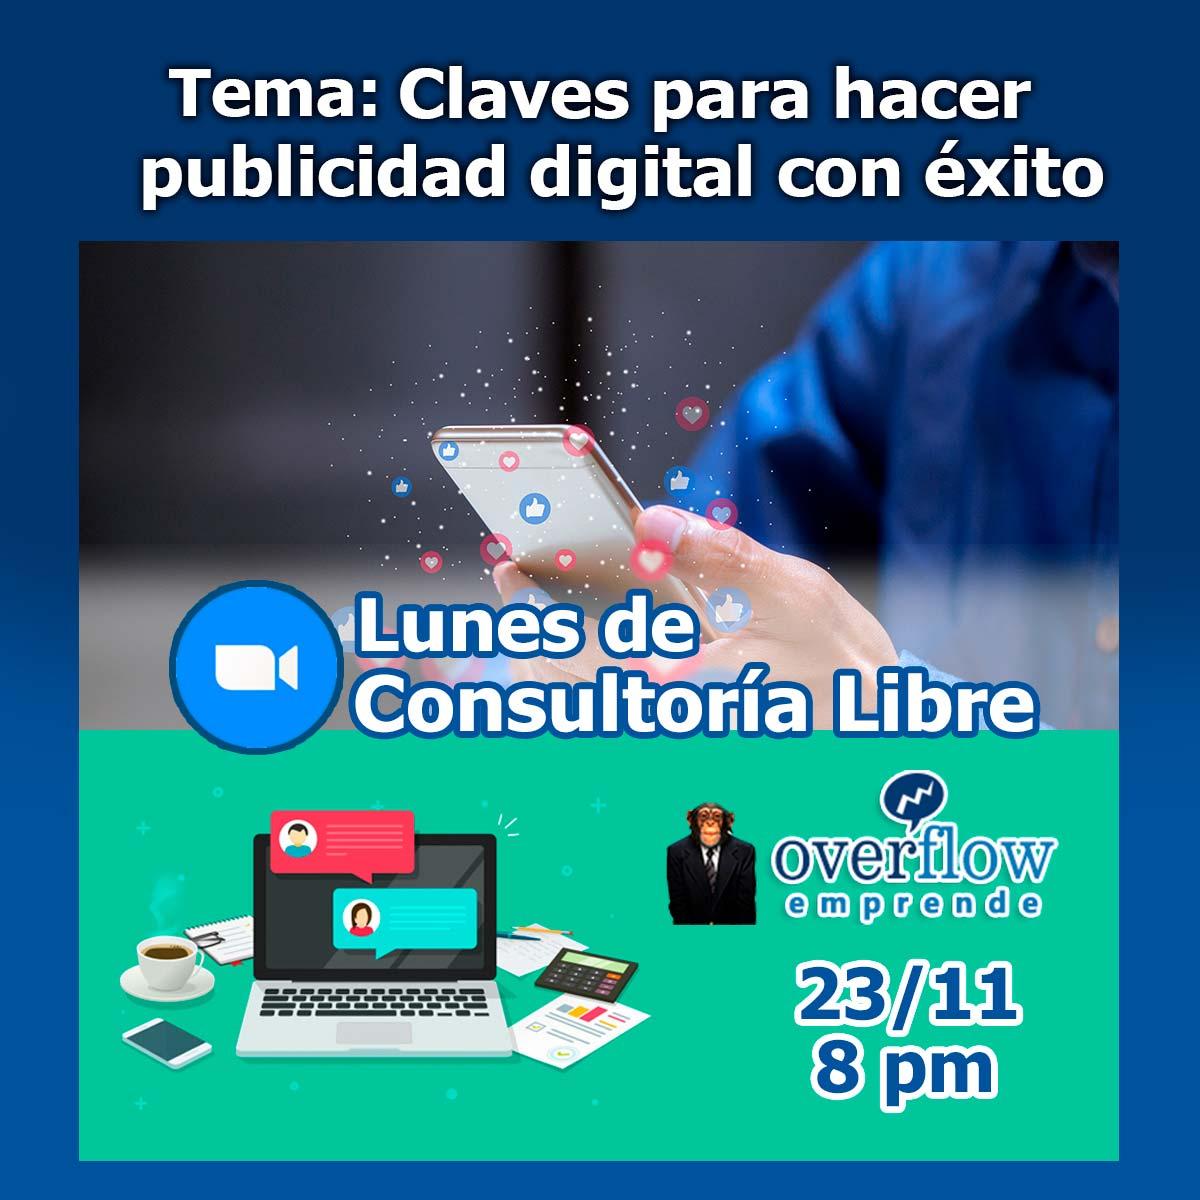 Sesión 5 - Claves para hacer publicidad digital con éxito - Webinar Overflow Emprende - Lunes de Consultoría Libre